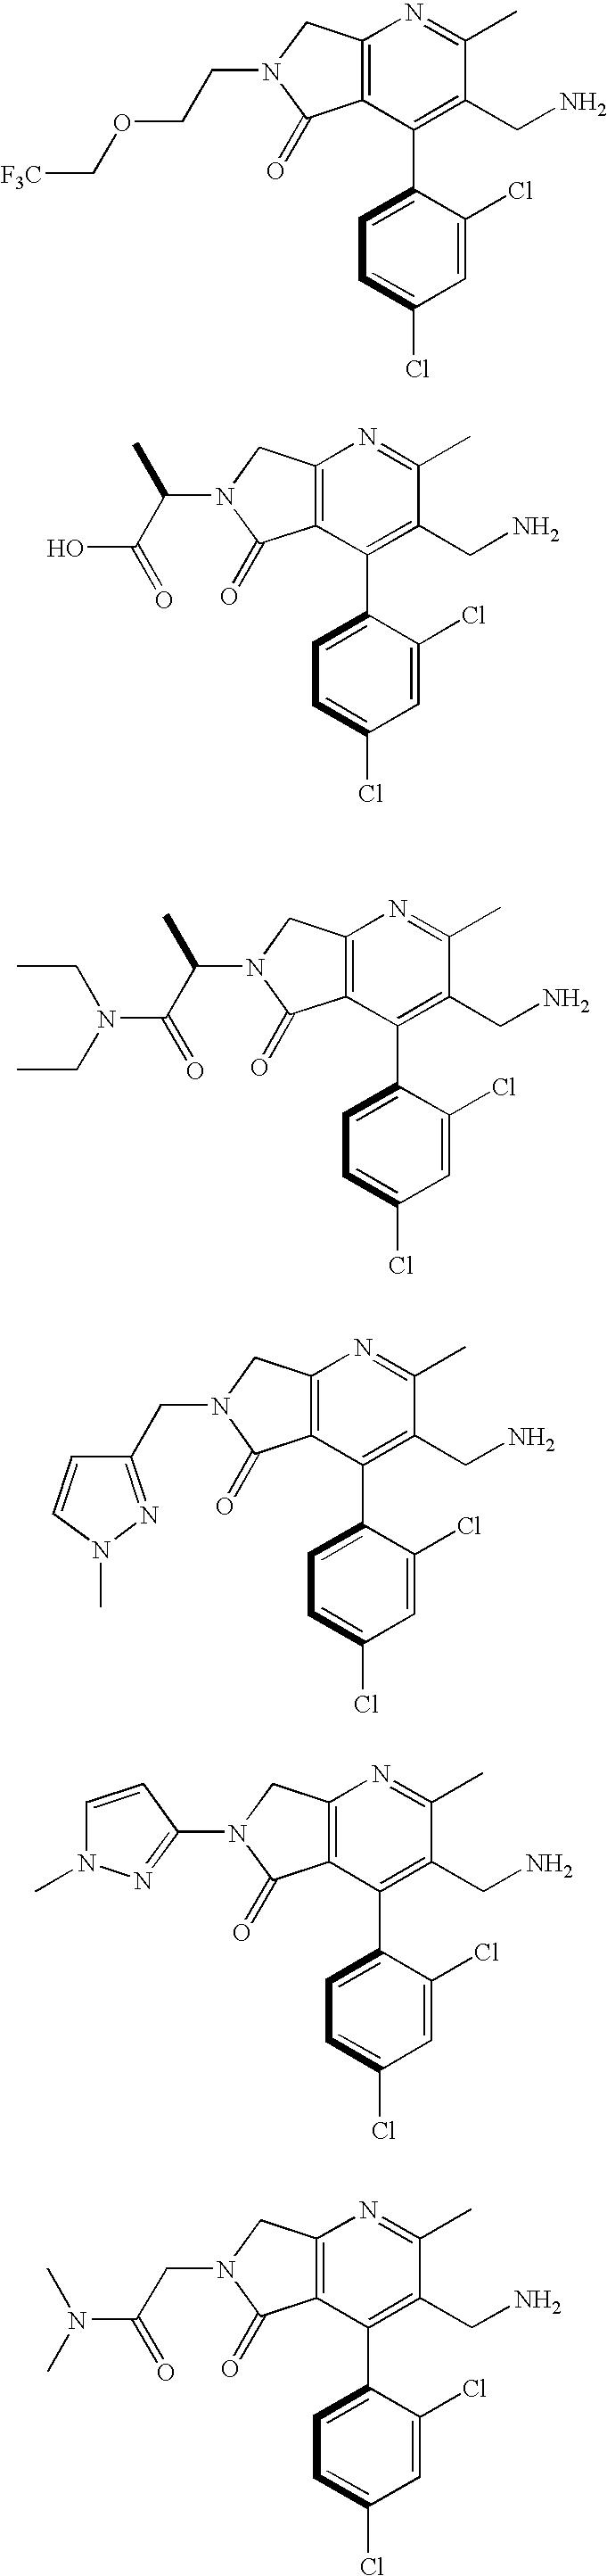 Figure US07521557-20090421-C00012